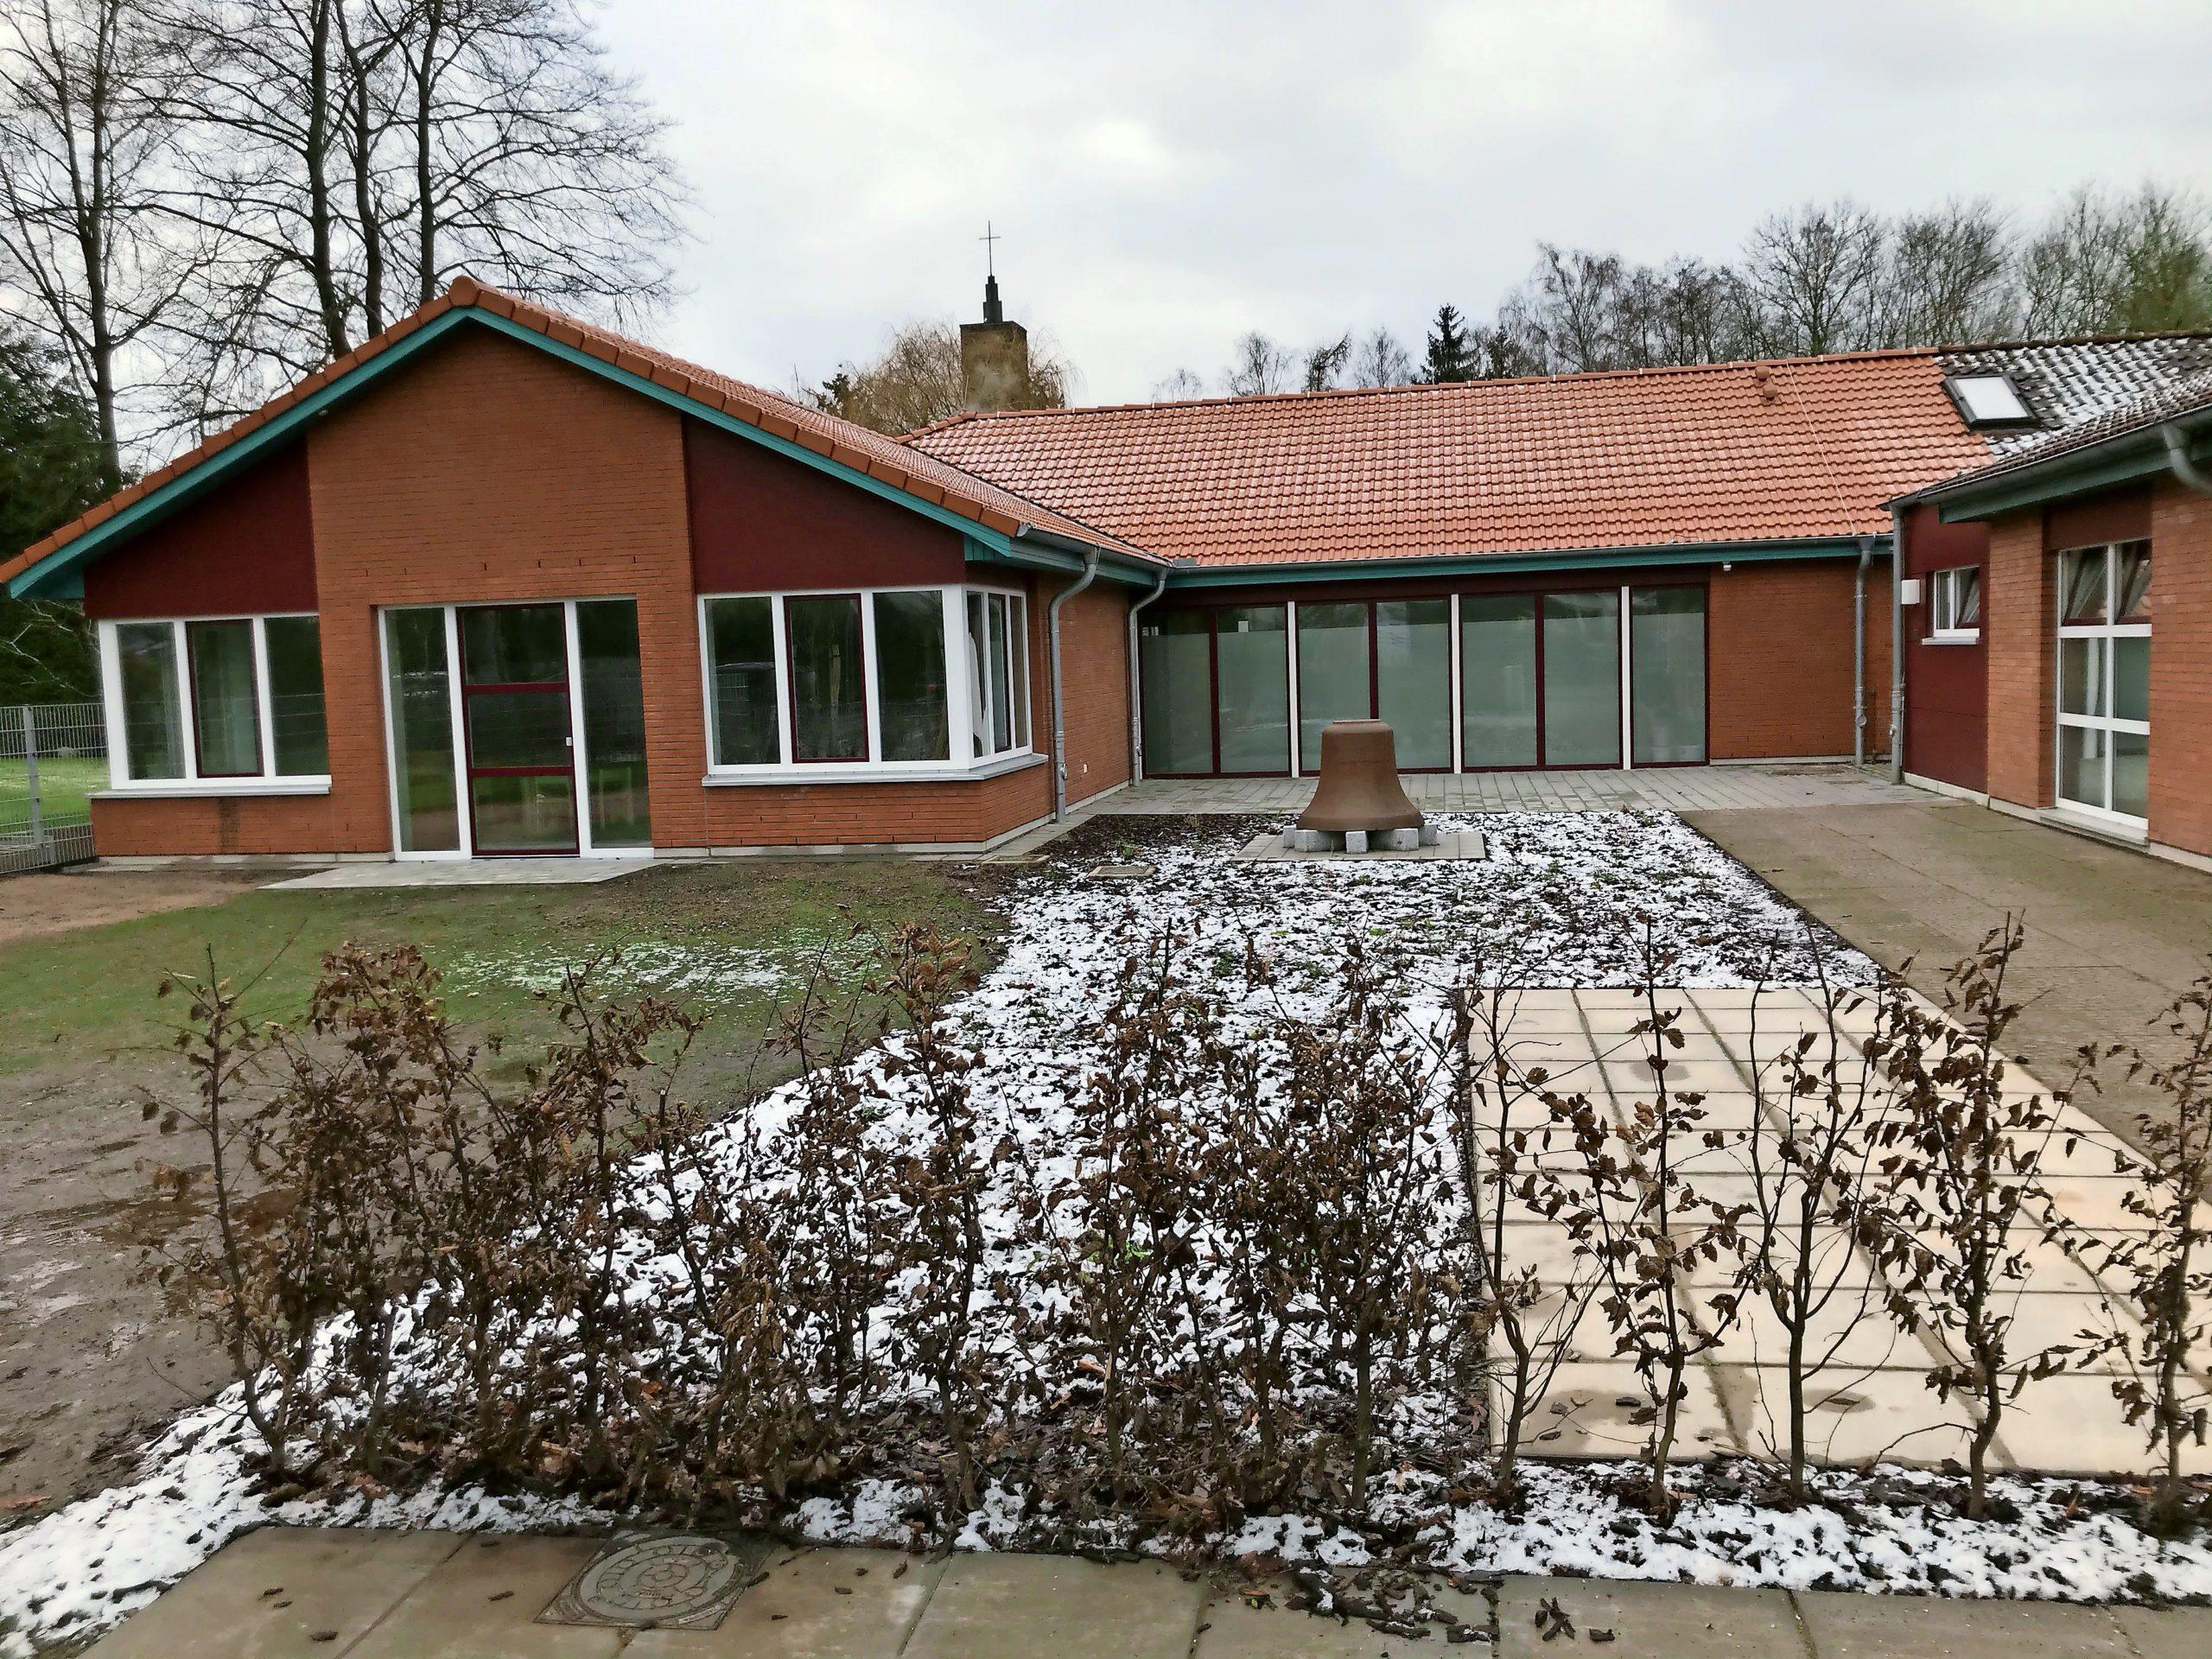 Die evangelisch-lutherische Kindertagesstätte Bugenhagen I in der Rademacherstraße eröffnet im Februar eine neue Elementargruppe.